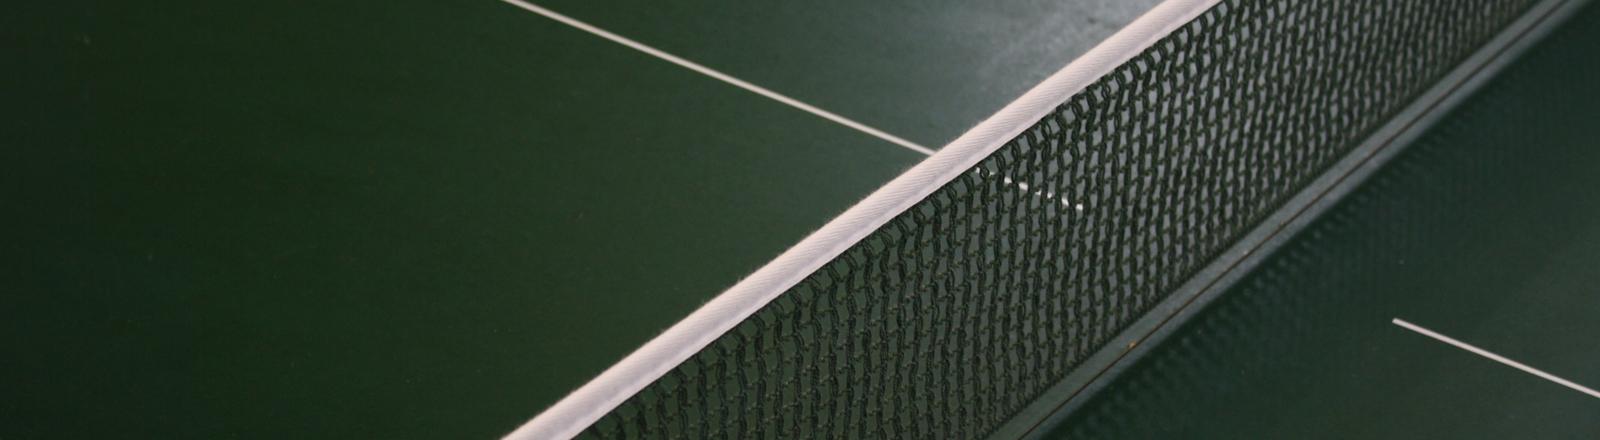 Eine Tischtennisplatte